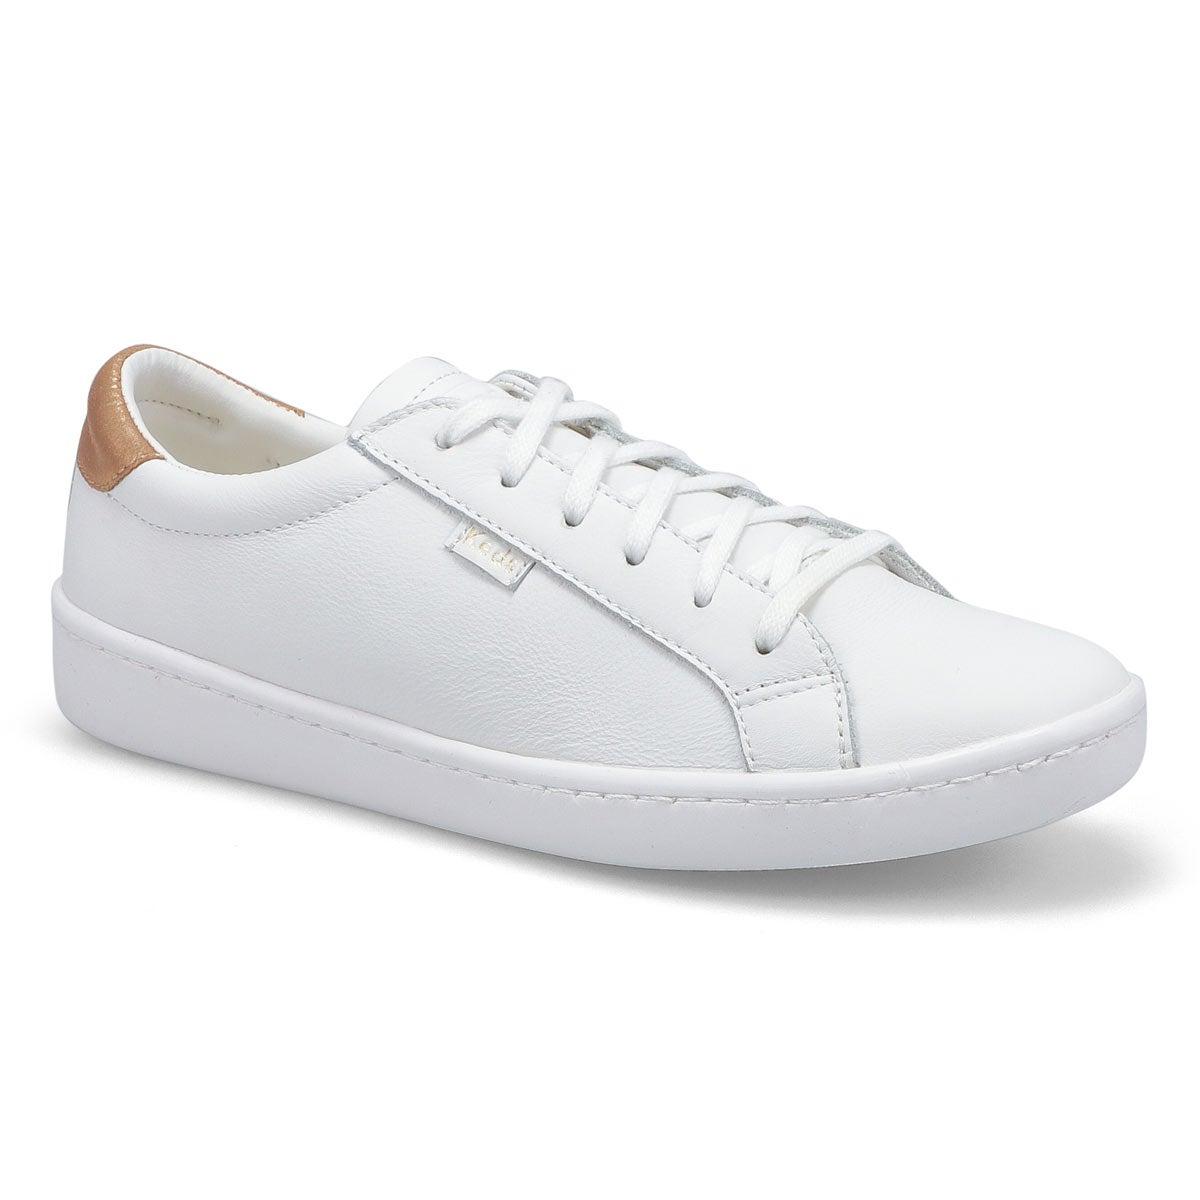 Women's Ace Sneaker - White/Rose Gold